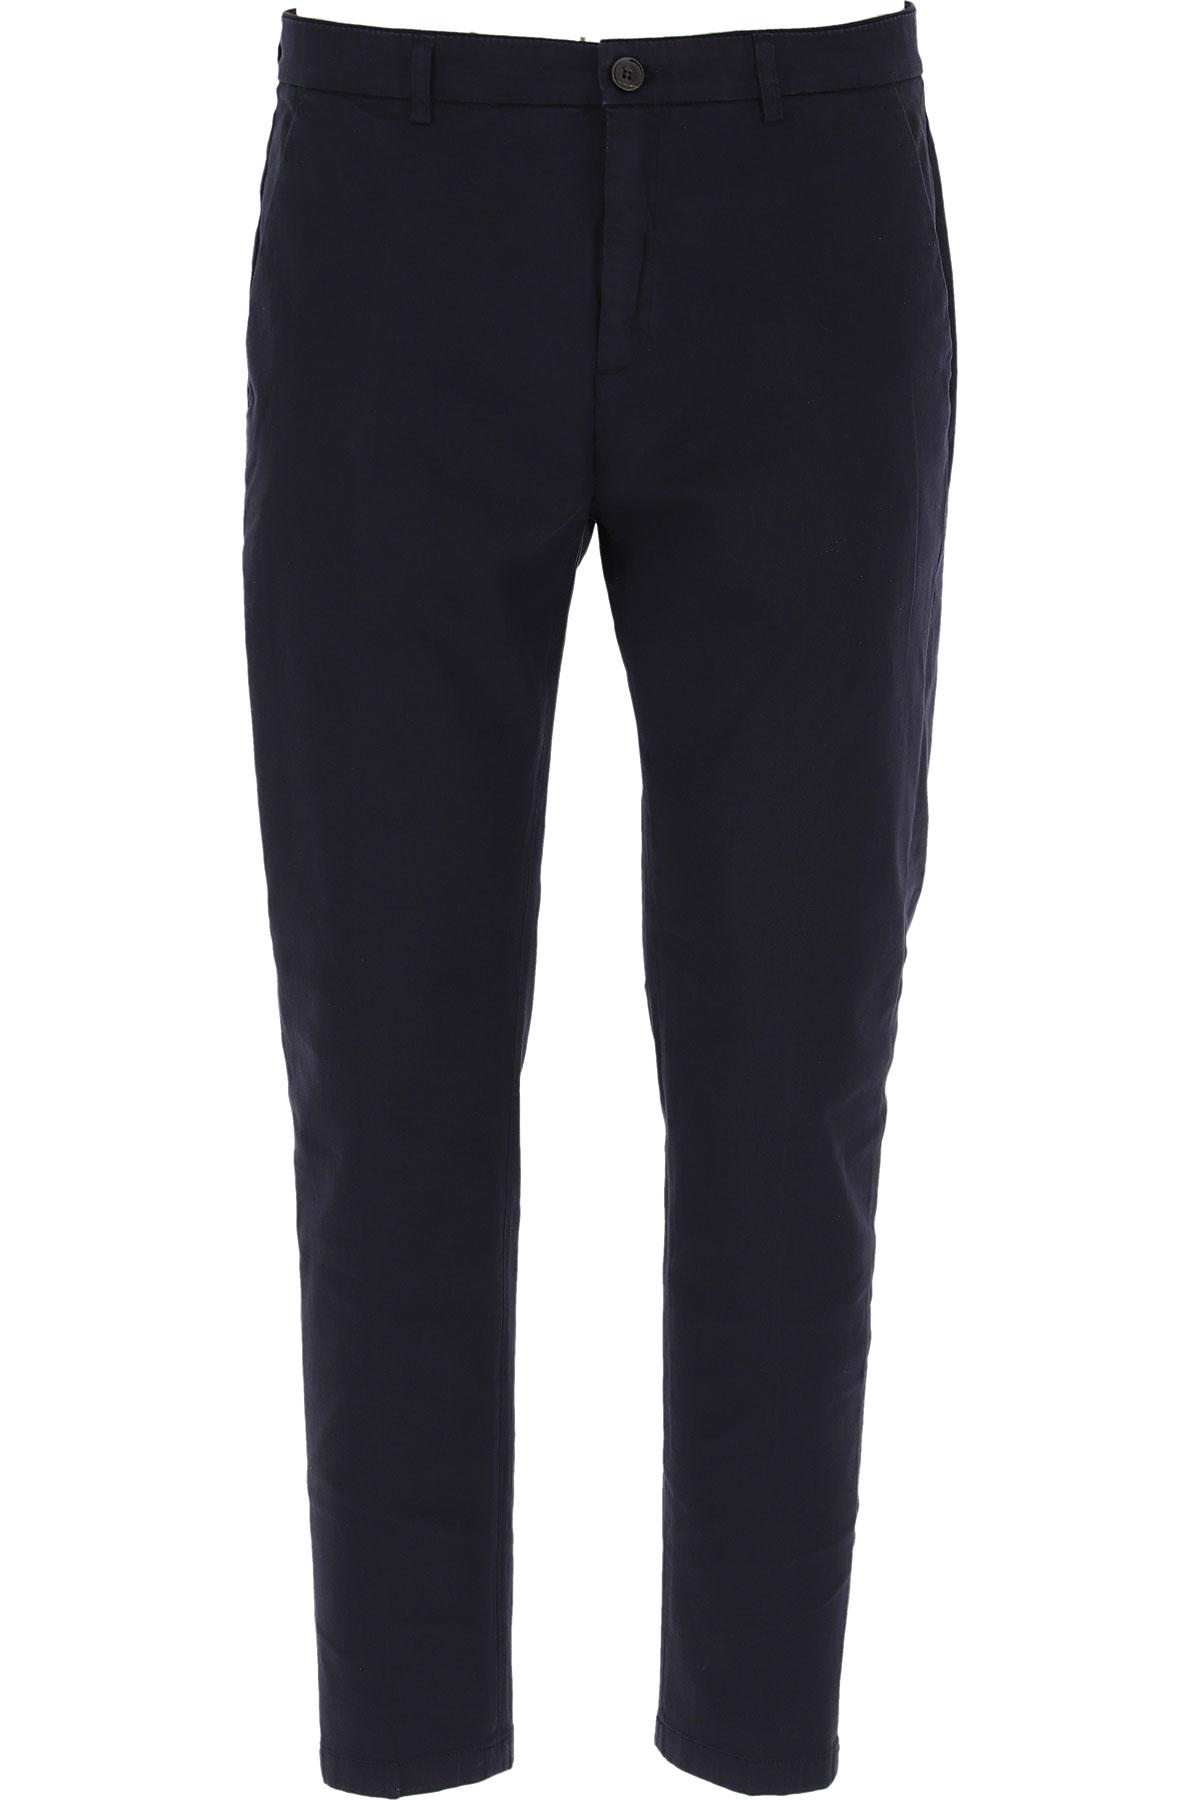 Department Five Pants for Men On Sale, navy, Cotton, 2019, 30 31 32 33 34 35 36